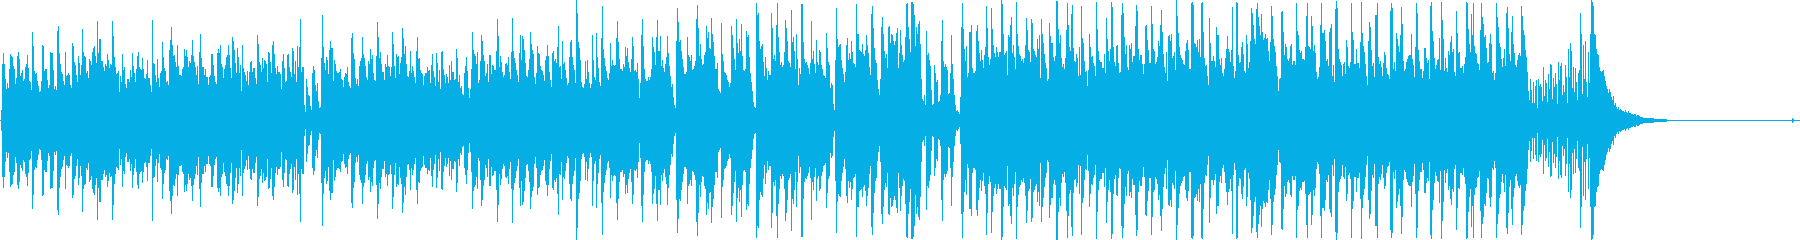 爽やかなアコギとシンセのインスト曲の再生済みの波形